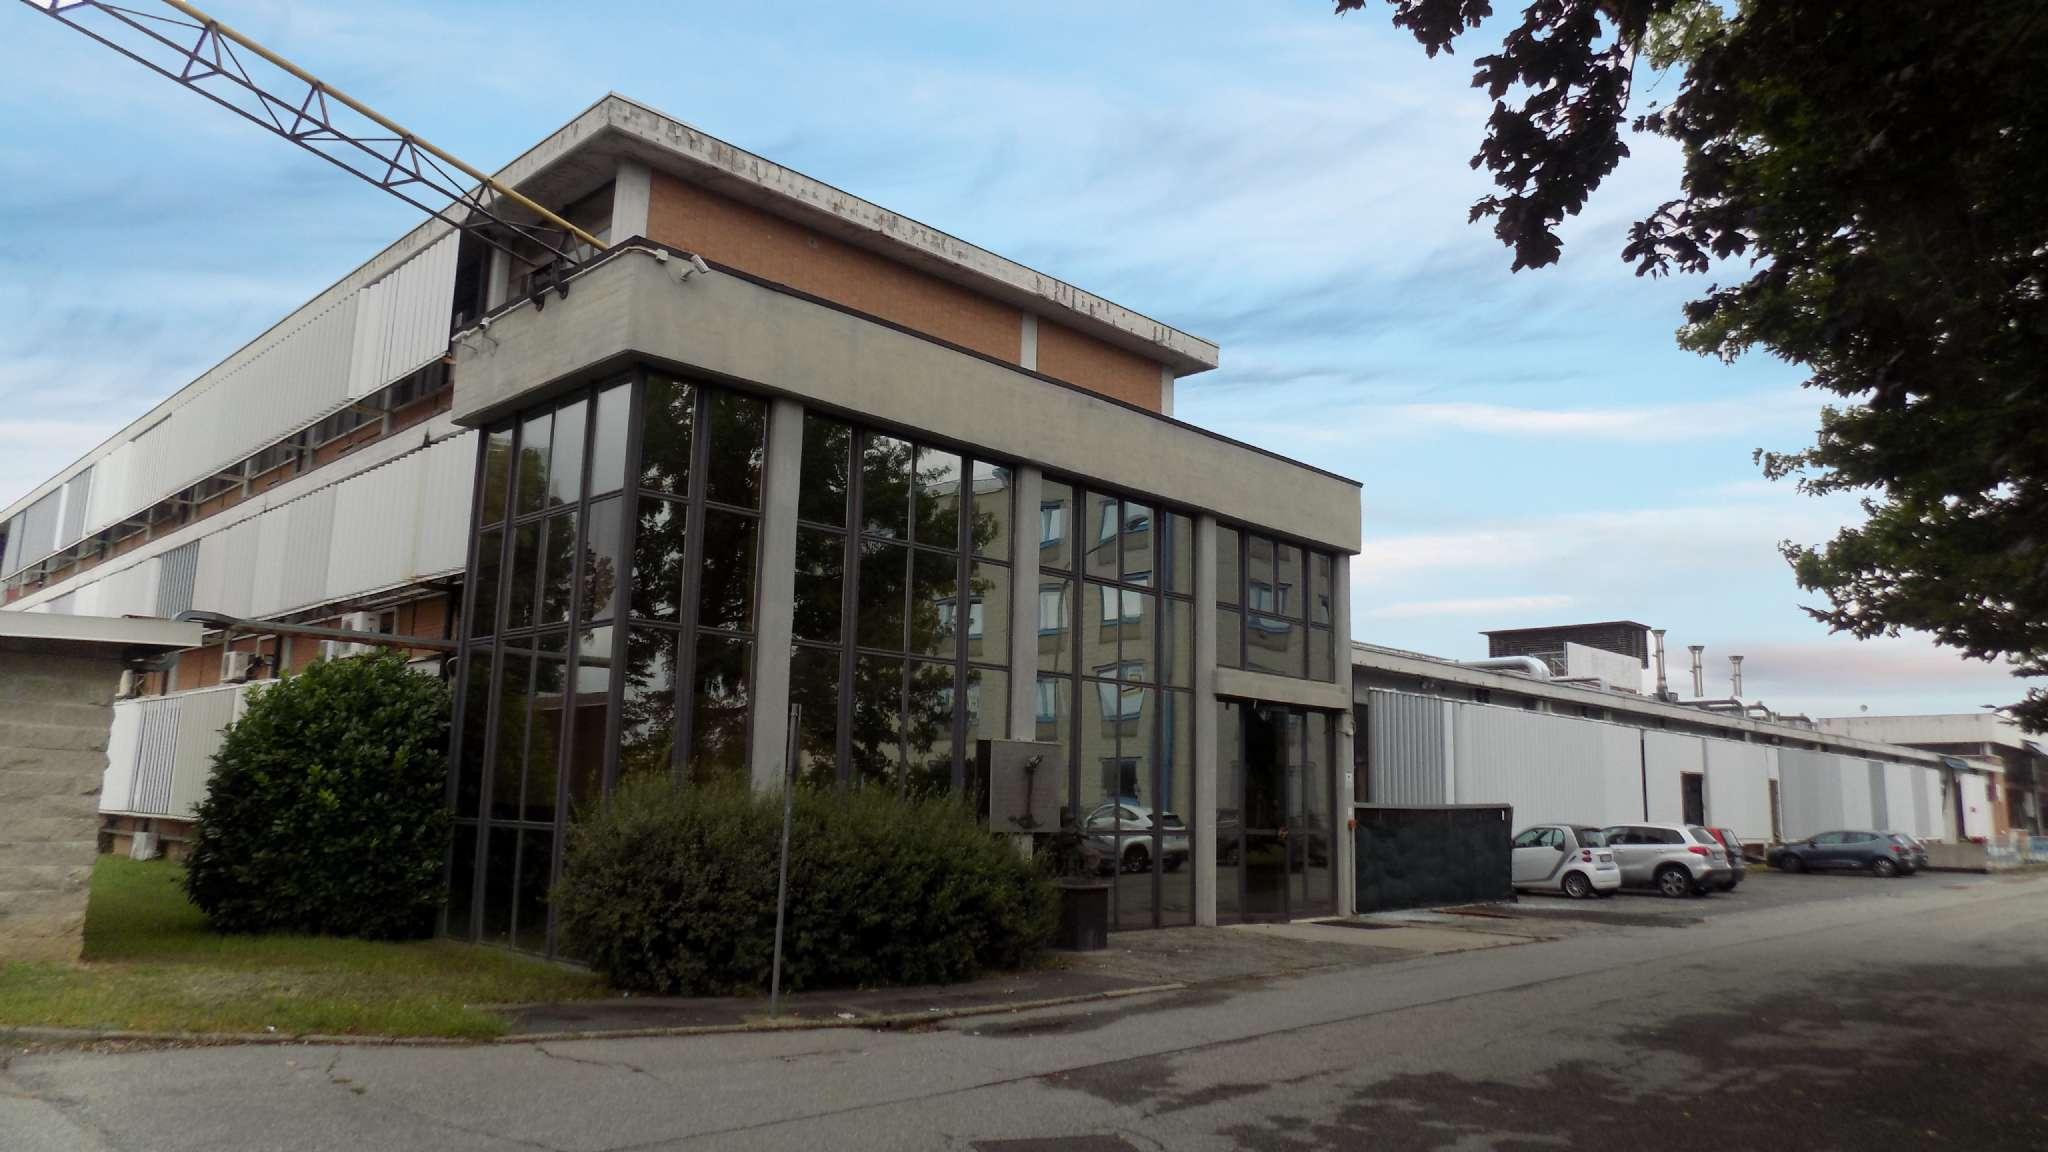 Capannone in vendita a Alpignano, 5 locali, prezzo € 2.300.000 | PortaleAgenzieImmobiliari.it